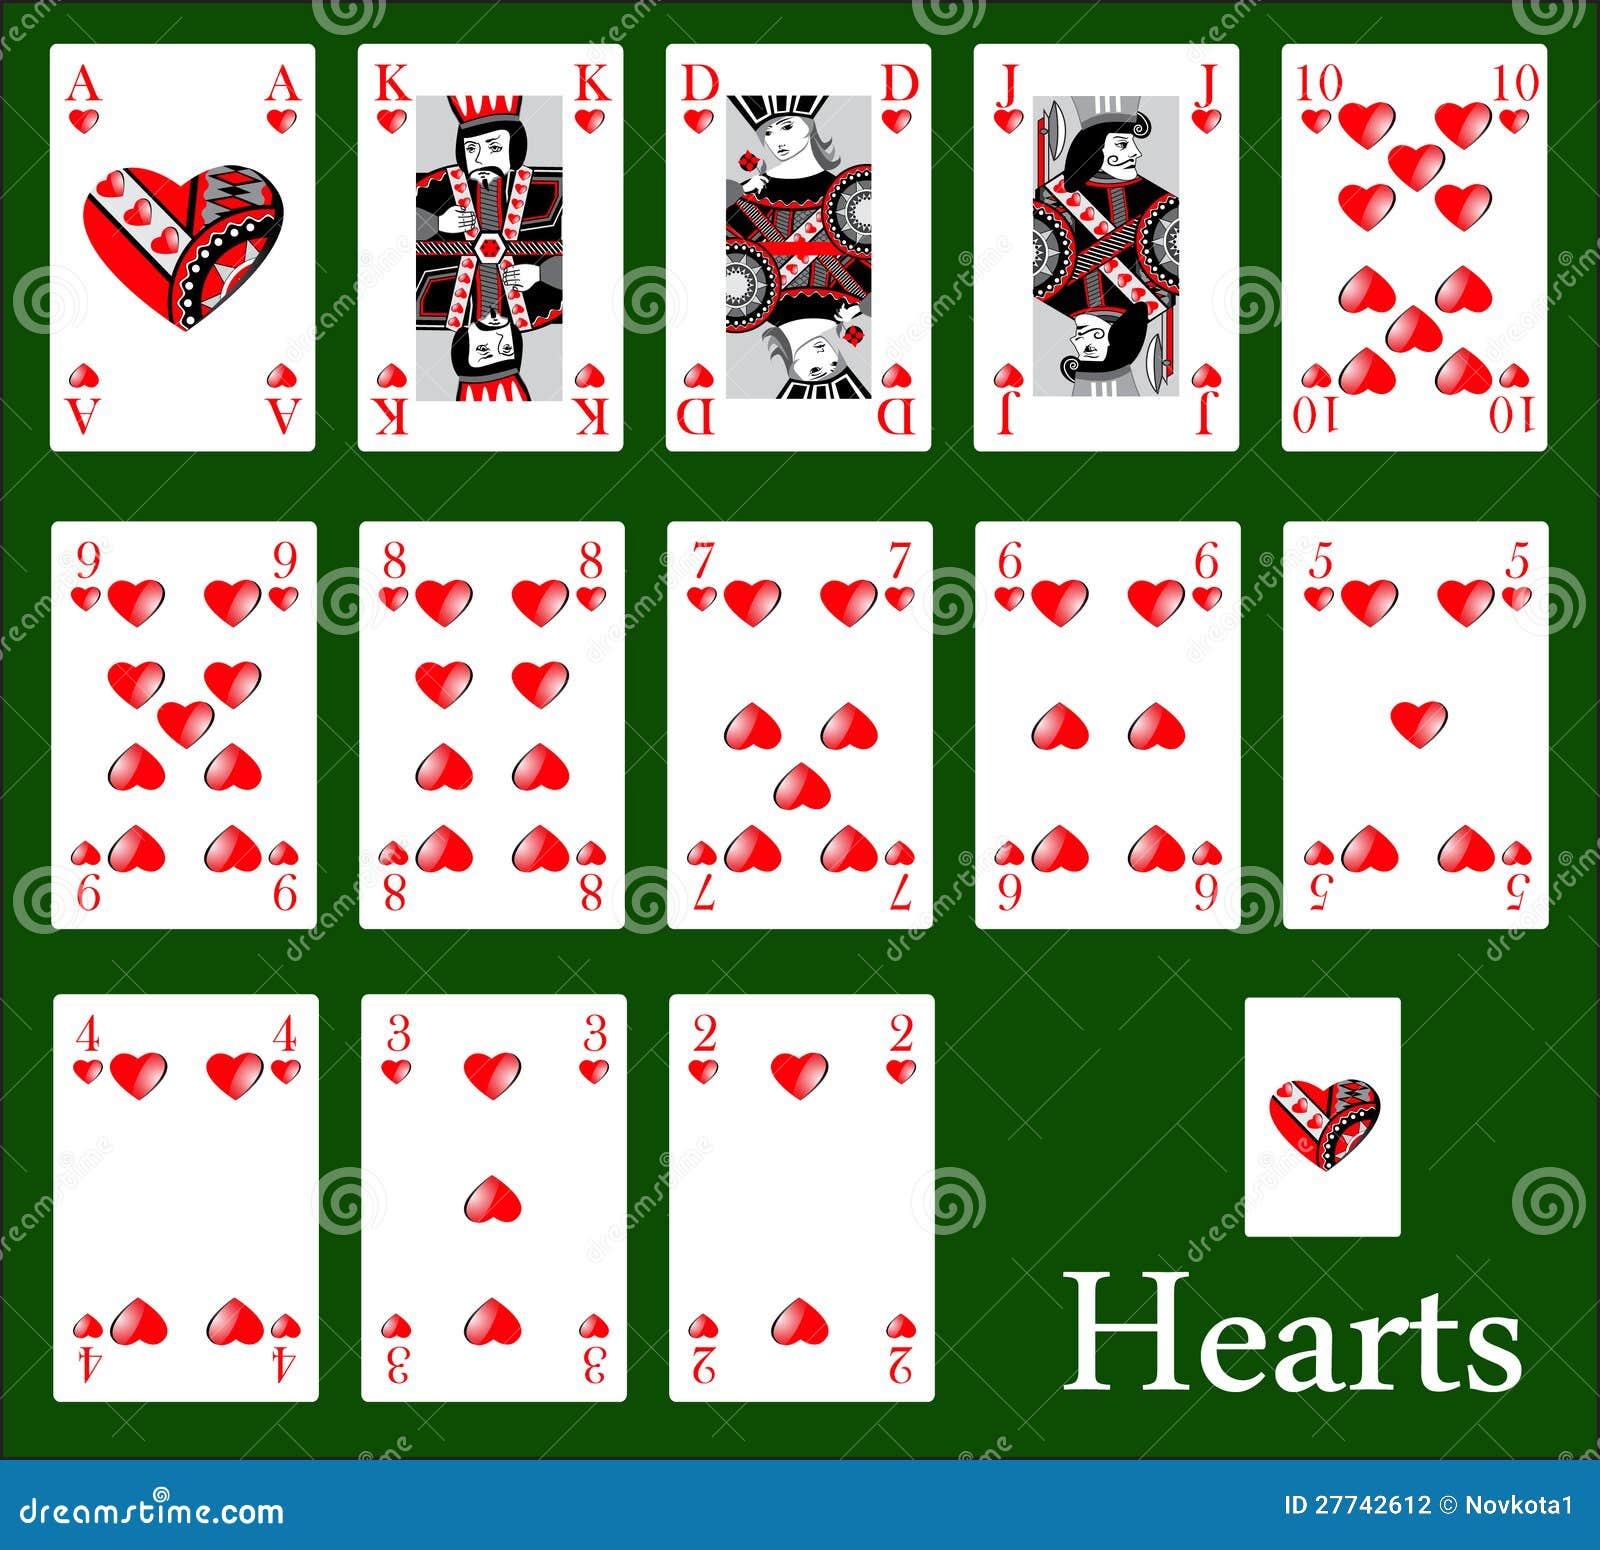 online casino table games hearts kostenlos